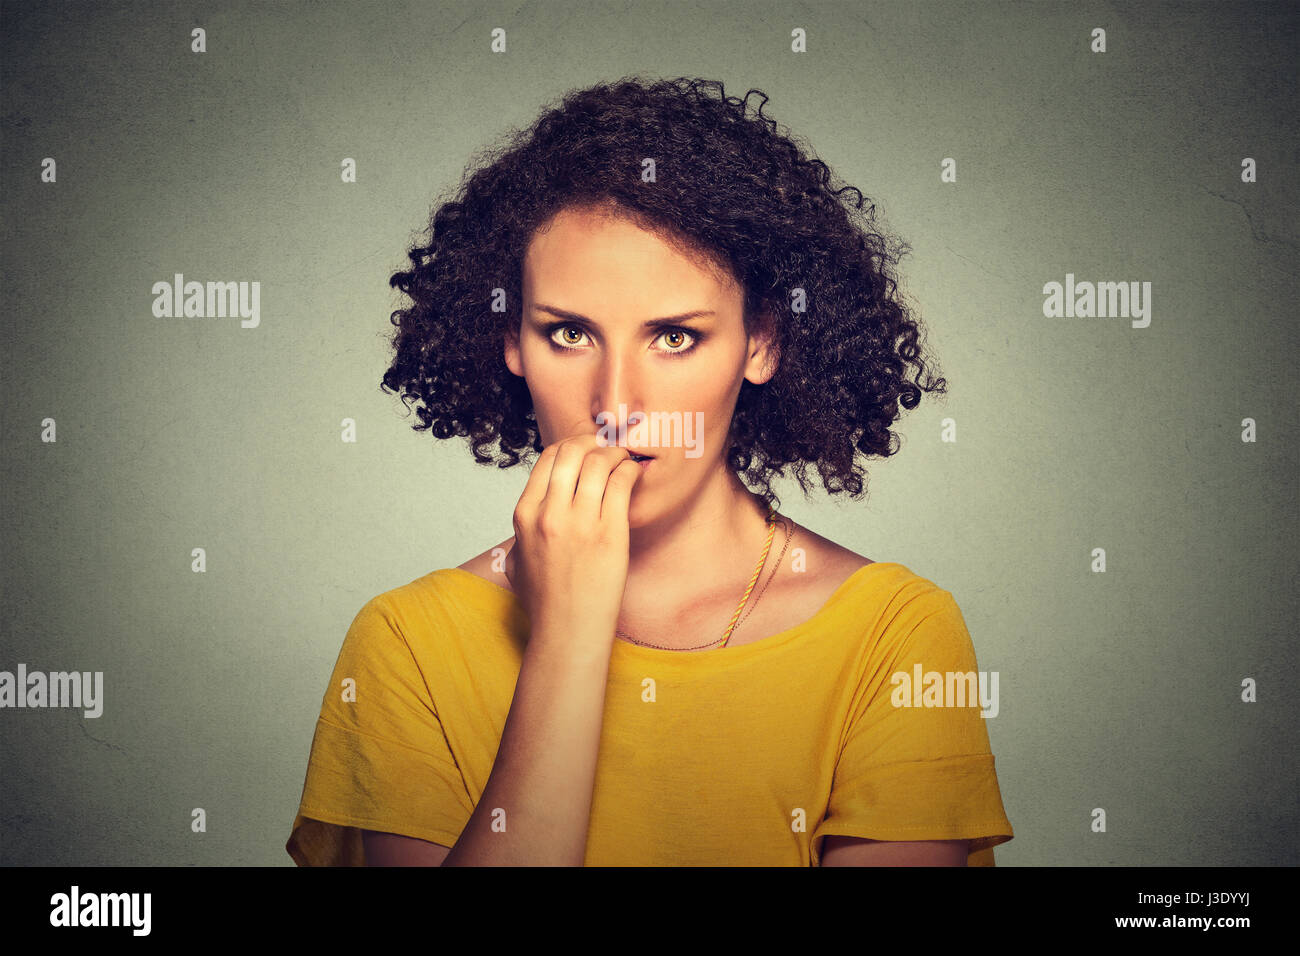 Las preocupaciones. Closeup retrato Mujer mirando nervioso mordiendo las uñas anhelando algo ansiosos aislado Imagen De Stock